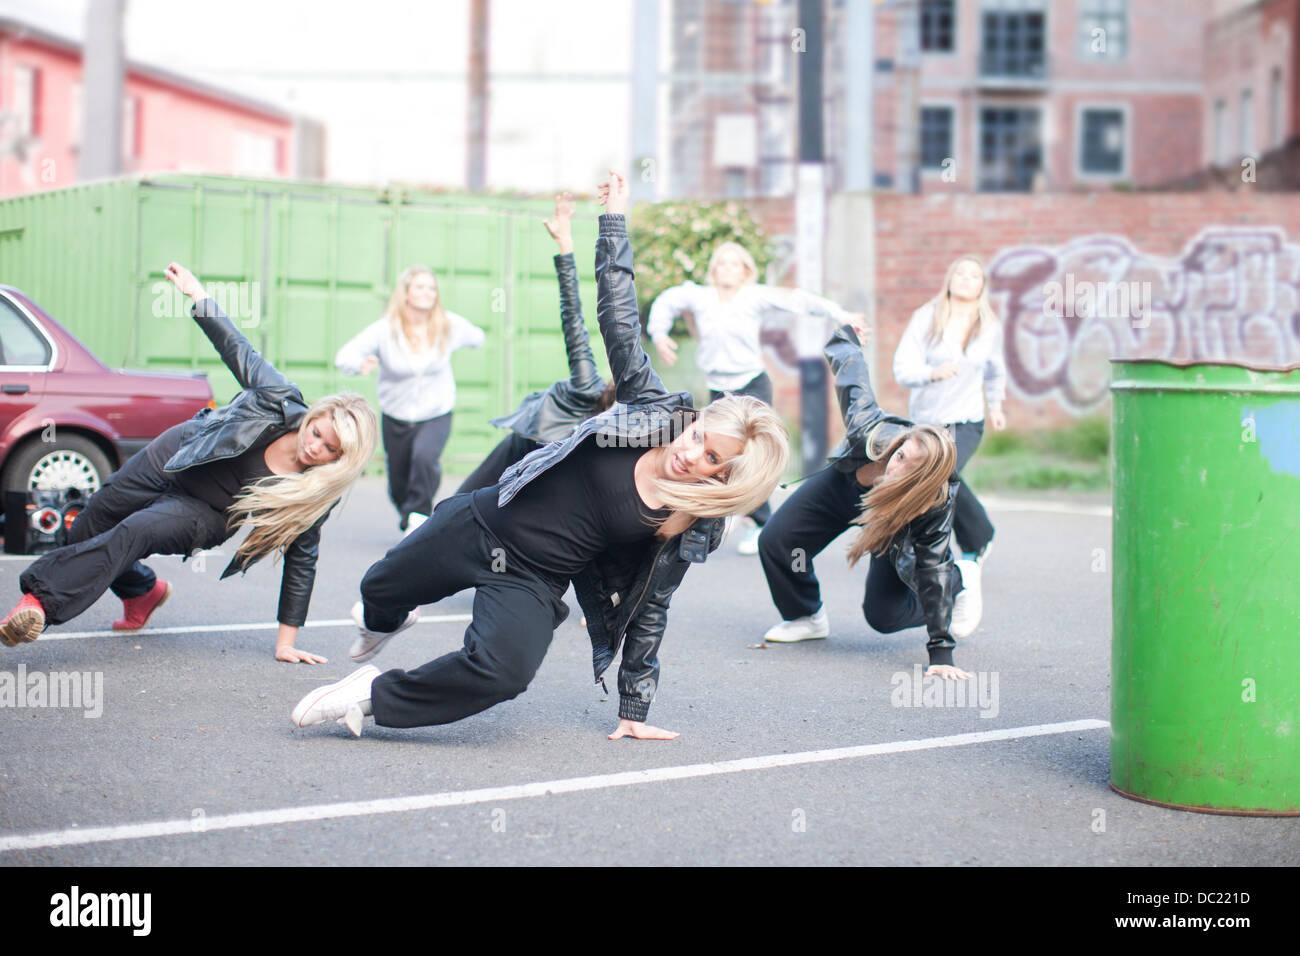 Las niñas practicando movimientos de baile en aparcamiento Imagen De Stock